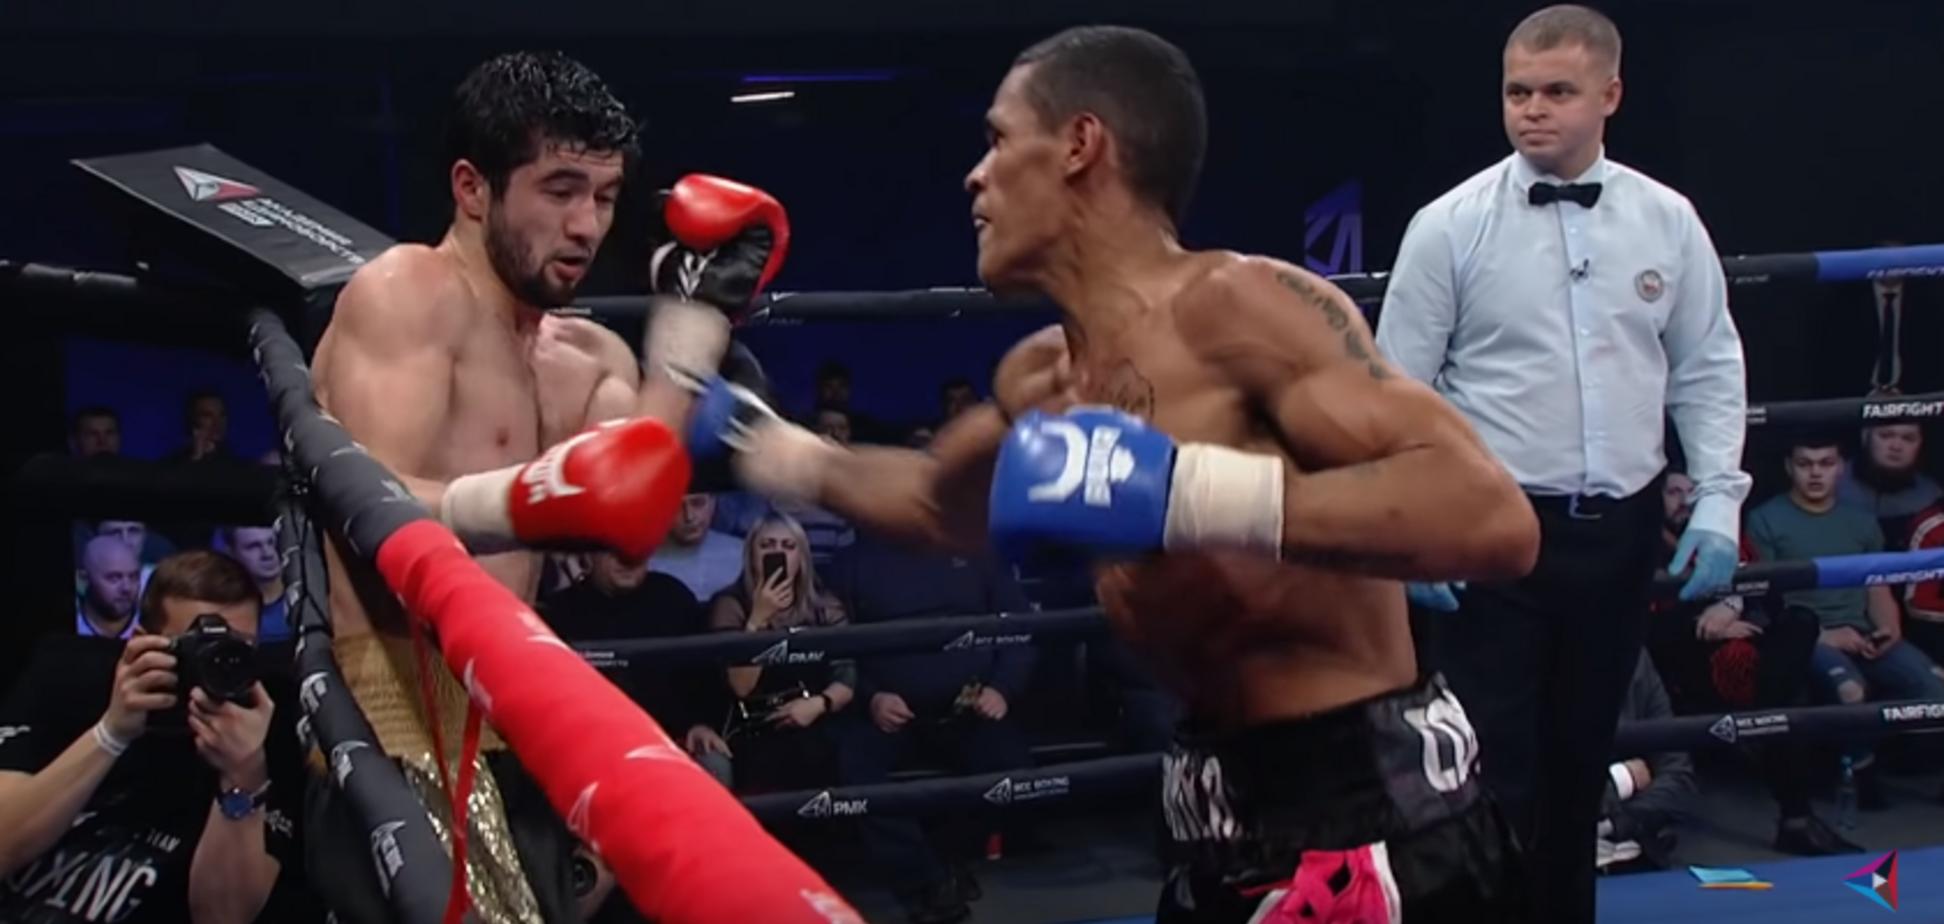 Непереможний боксер сенсаційно програв нокаутом